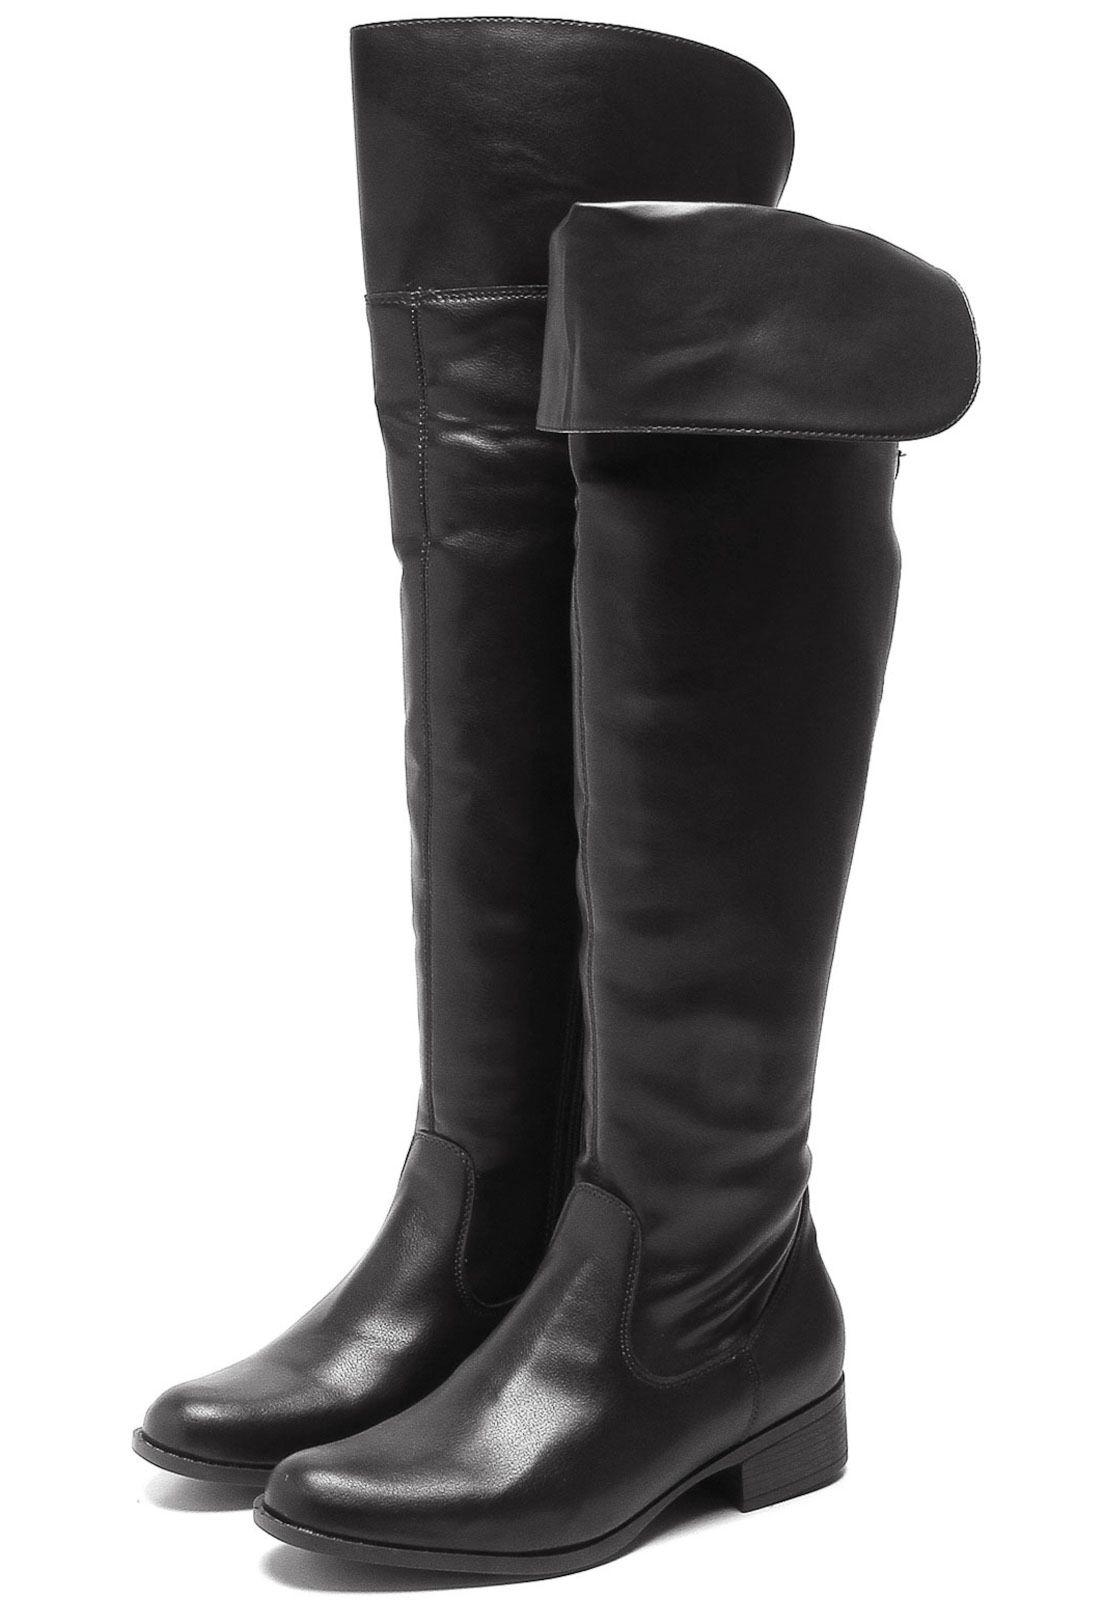 64a4c5759 Bota Over The Knee VIA UNO Salto Grosso Preta em 2019 sapatos